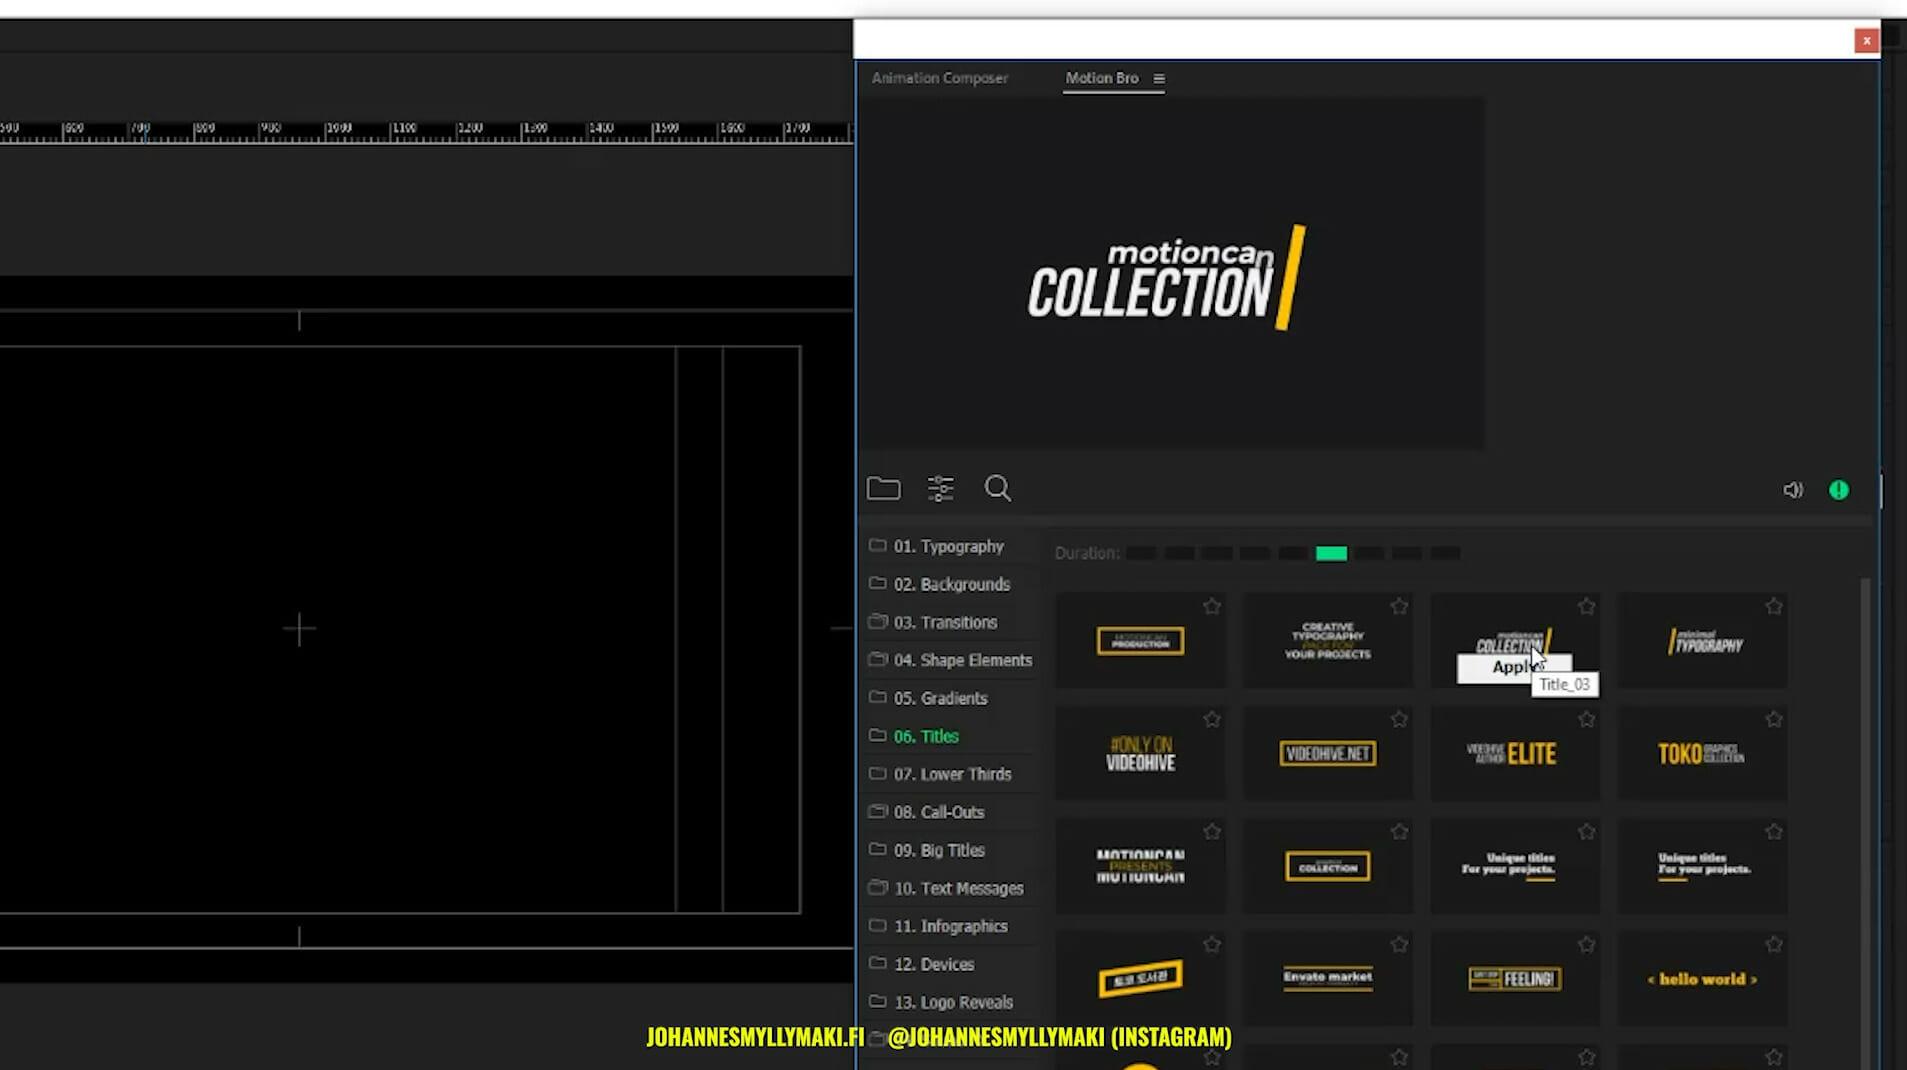 Muiden animaatioiden tekeminen - Linkitetty kompositio, Motion Bro, Animation Composer